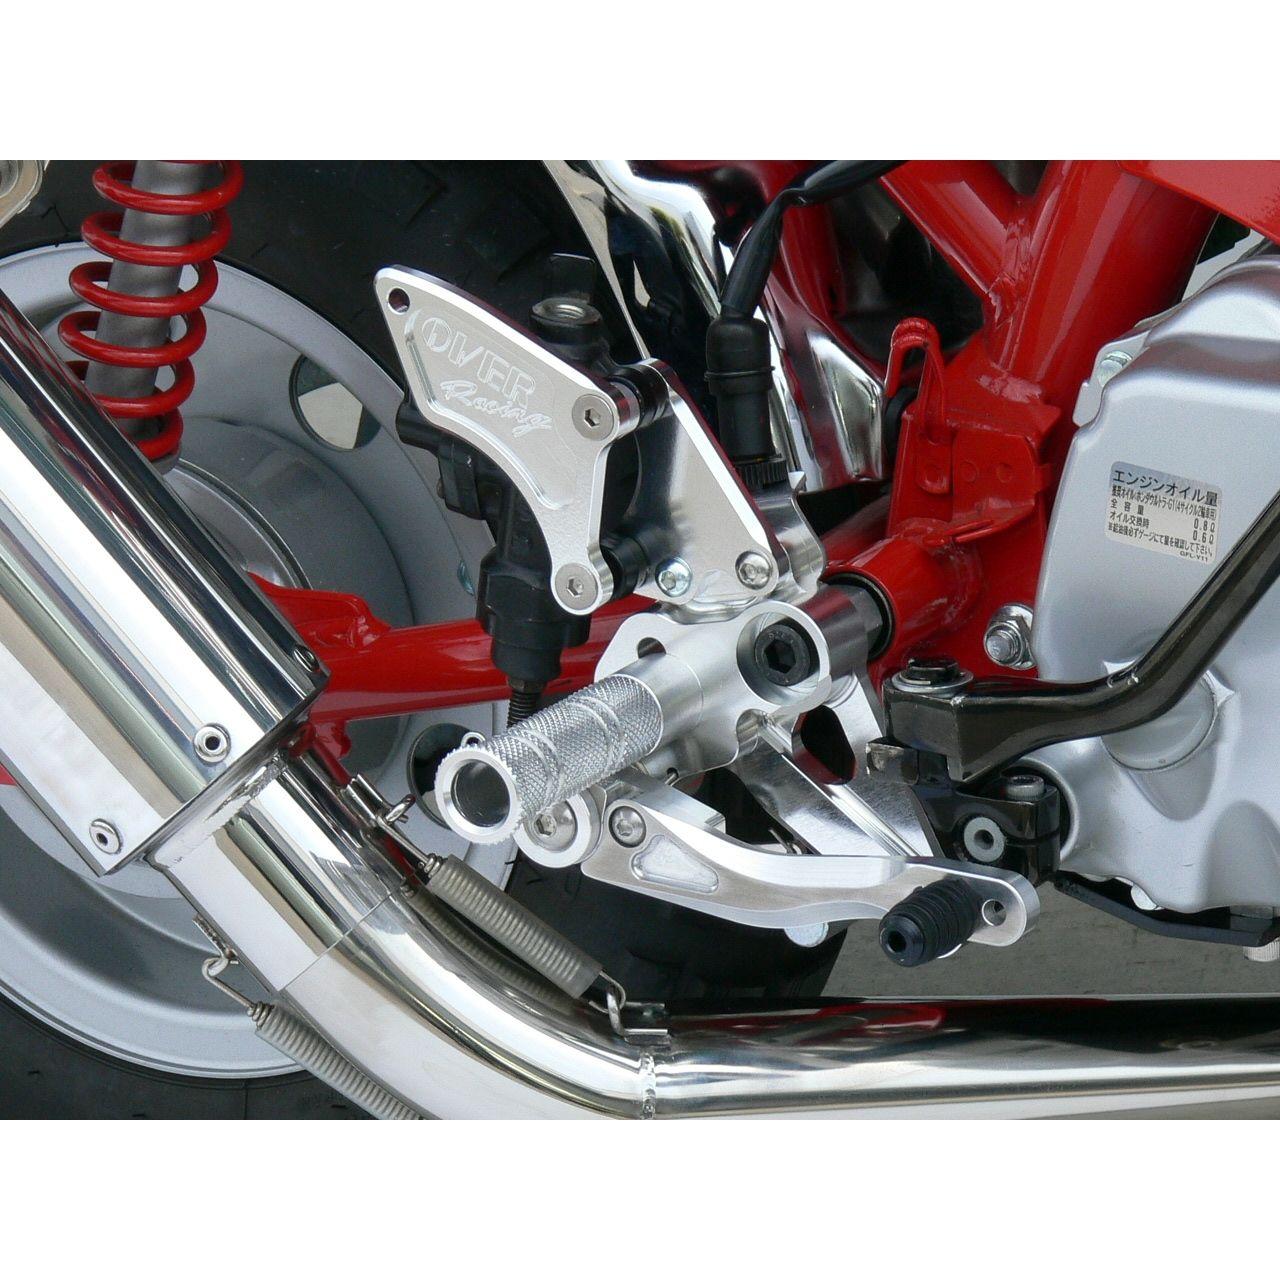 腳踏後移套件3點安裝位置  (後碟煞型式)